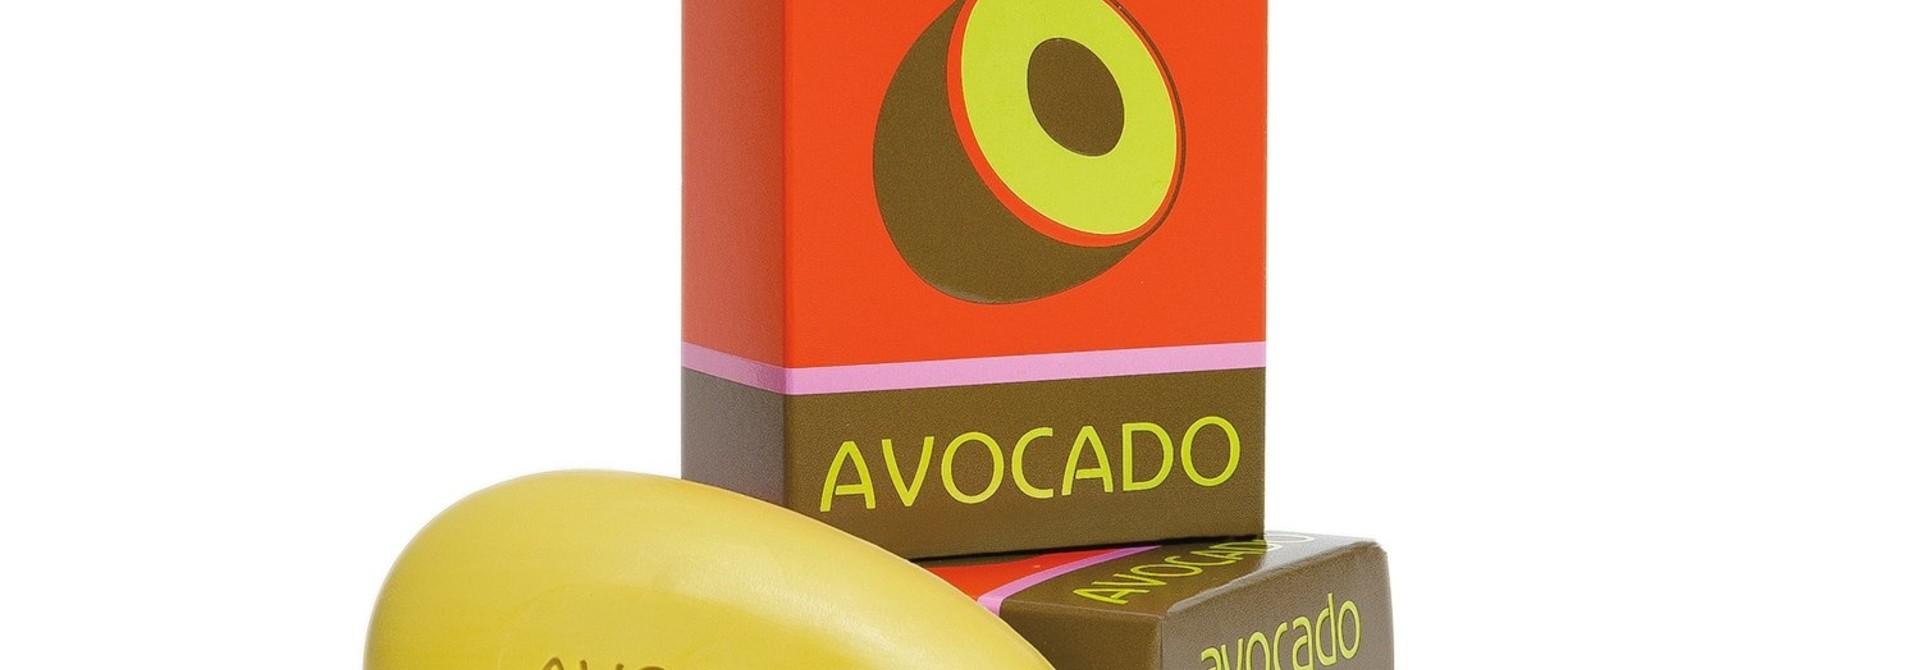 Modern Wash - Avocado